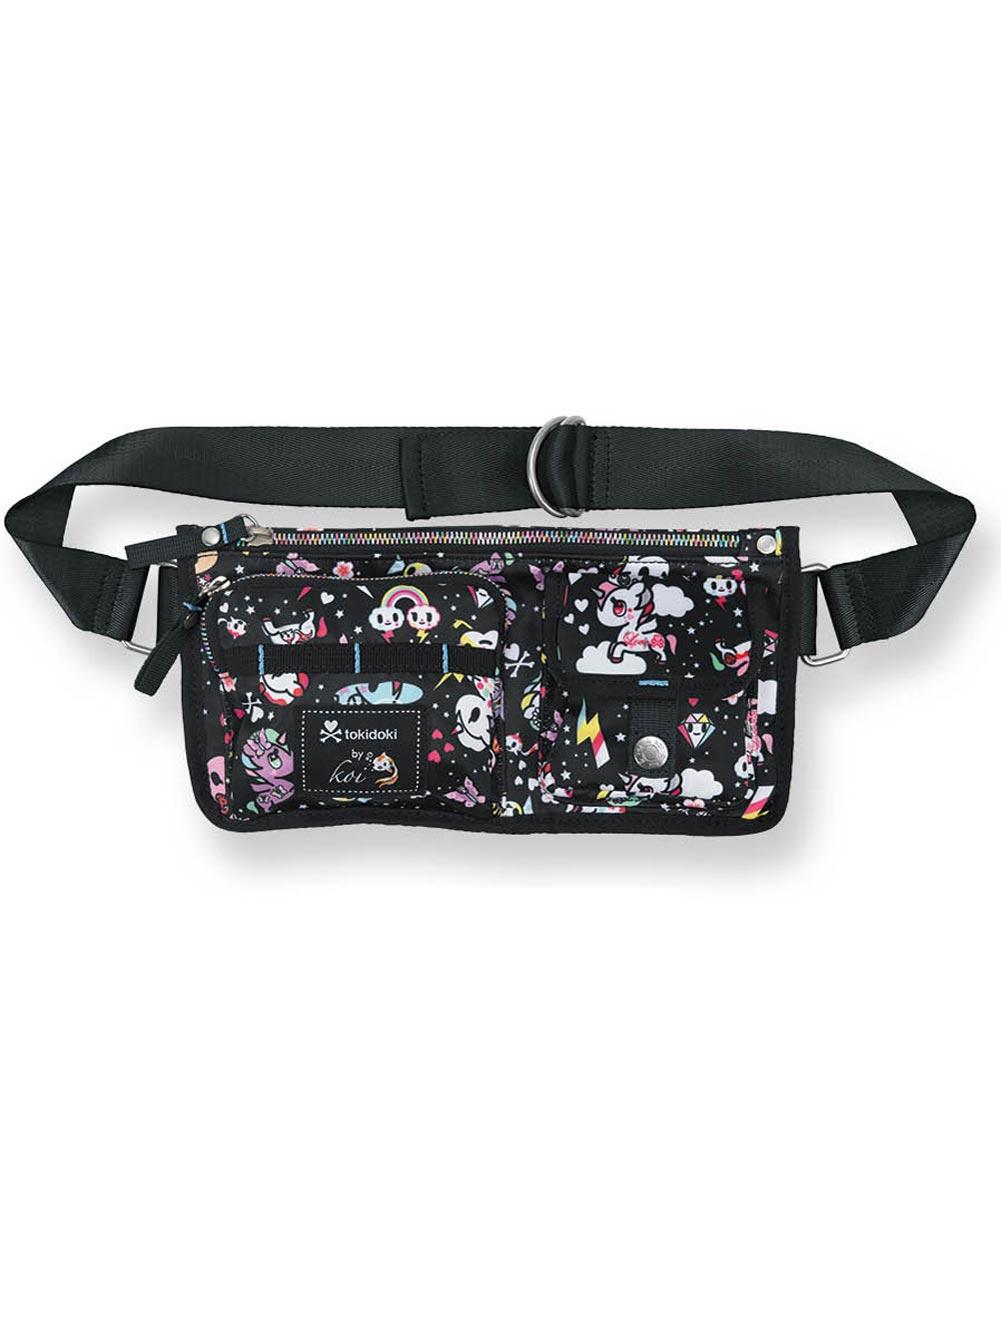 Tokidoki Belt Bag